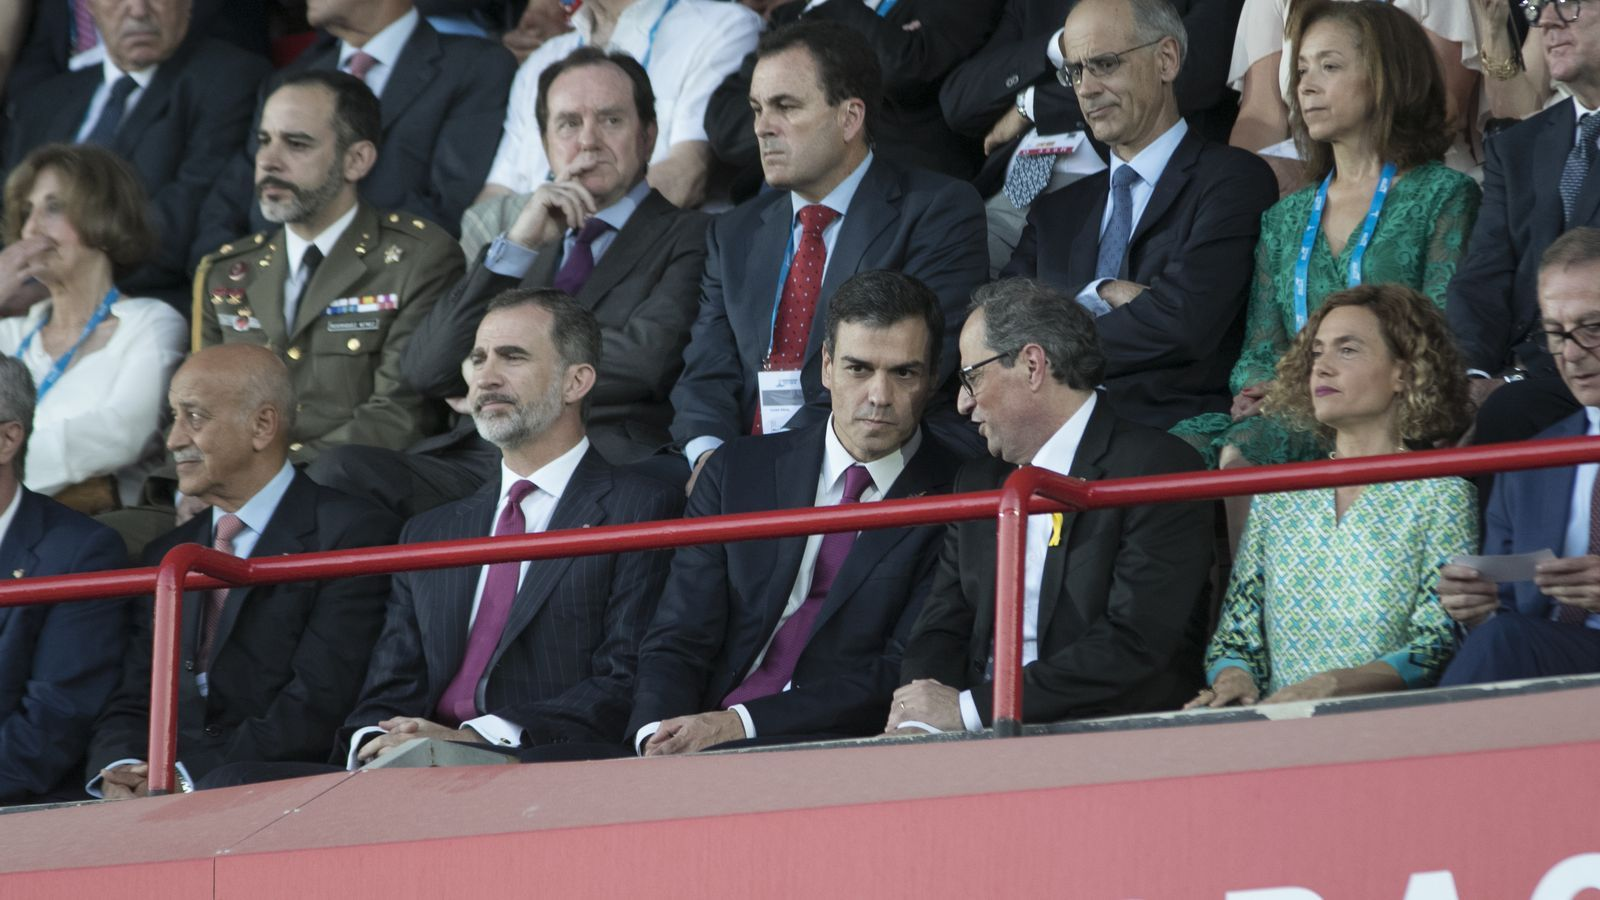 El rei Felip VI, el president espanyol, Pedro Sánchez, i el de la Generalitat, Quim Torra, durant la cerimònia inaugural dels Jocs Mediterranis.